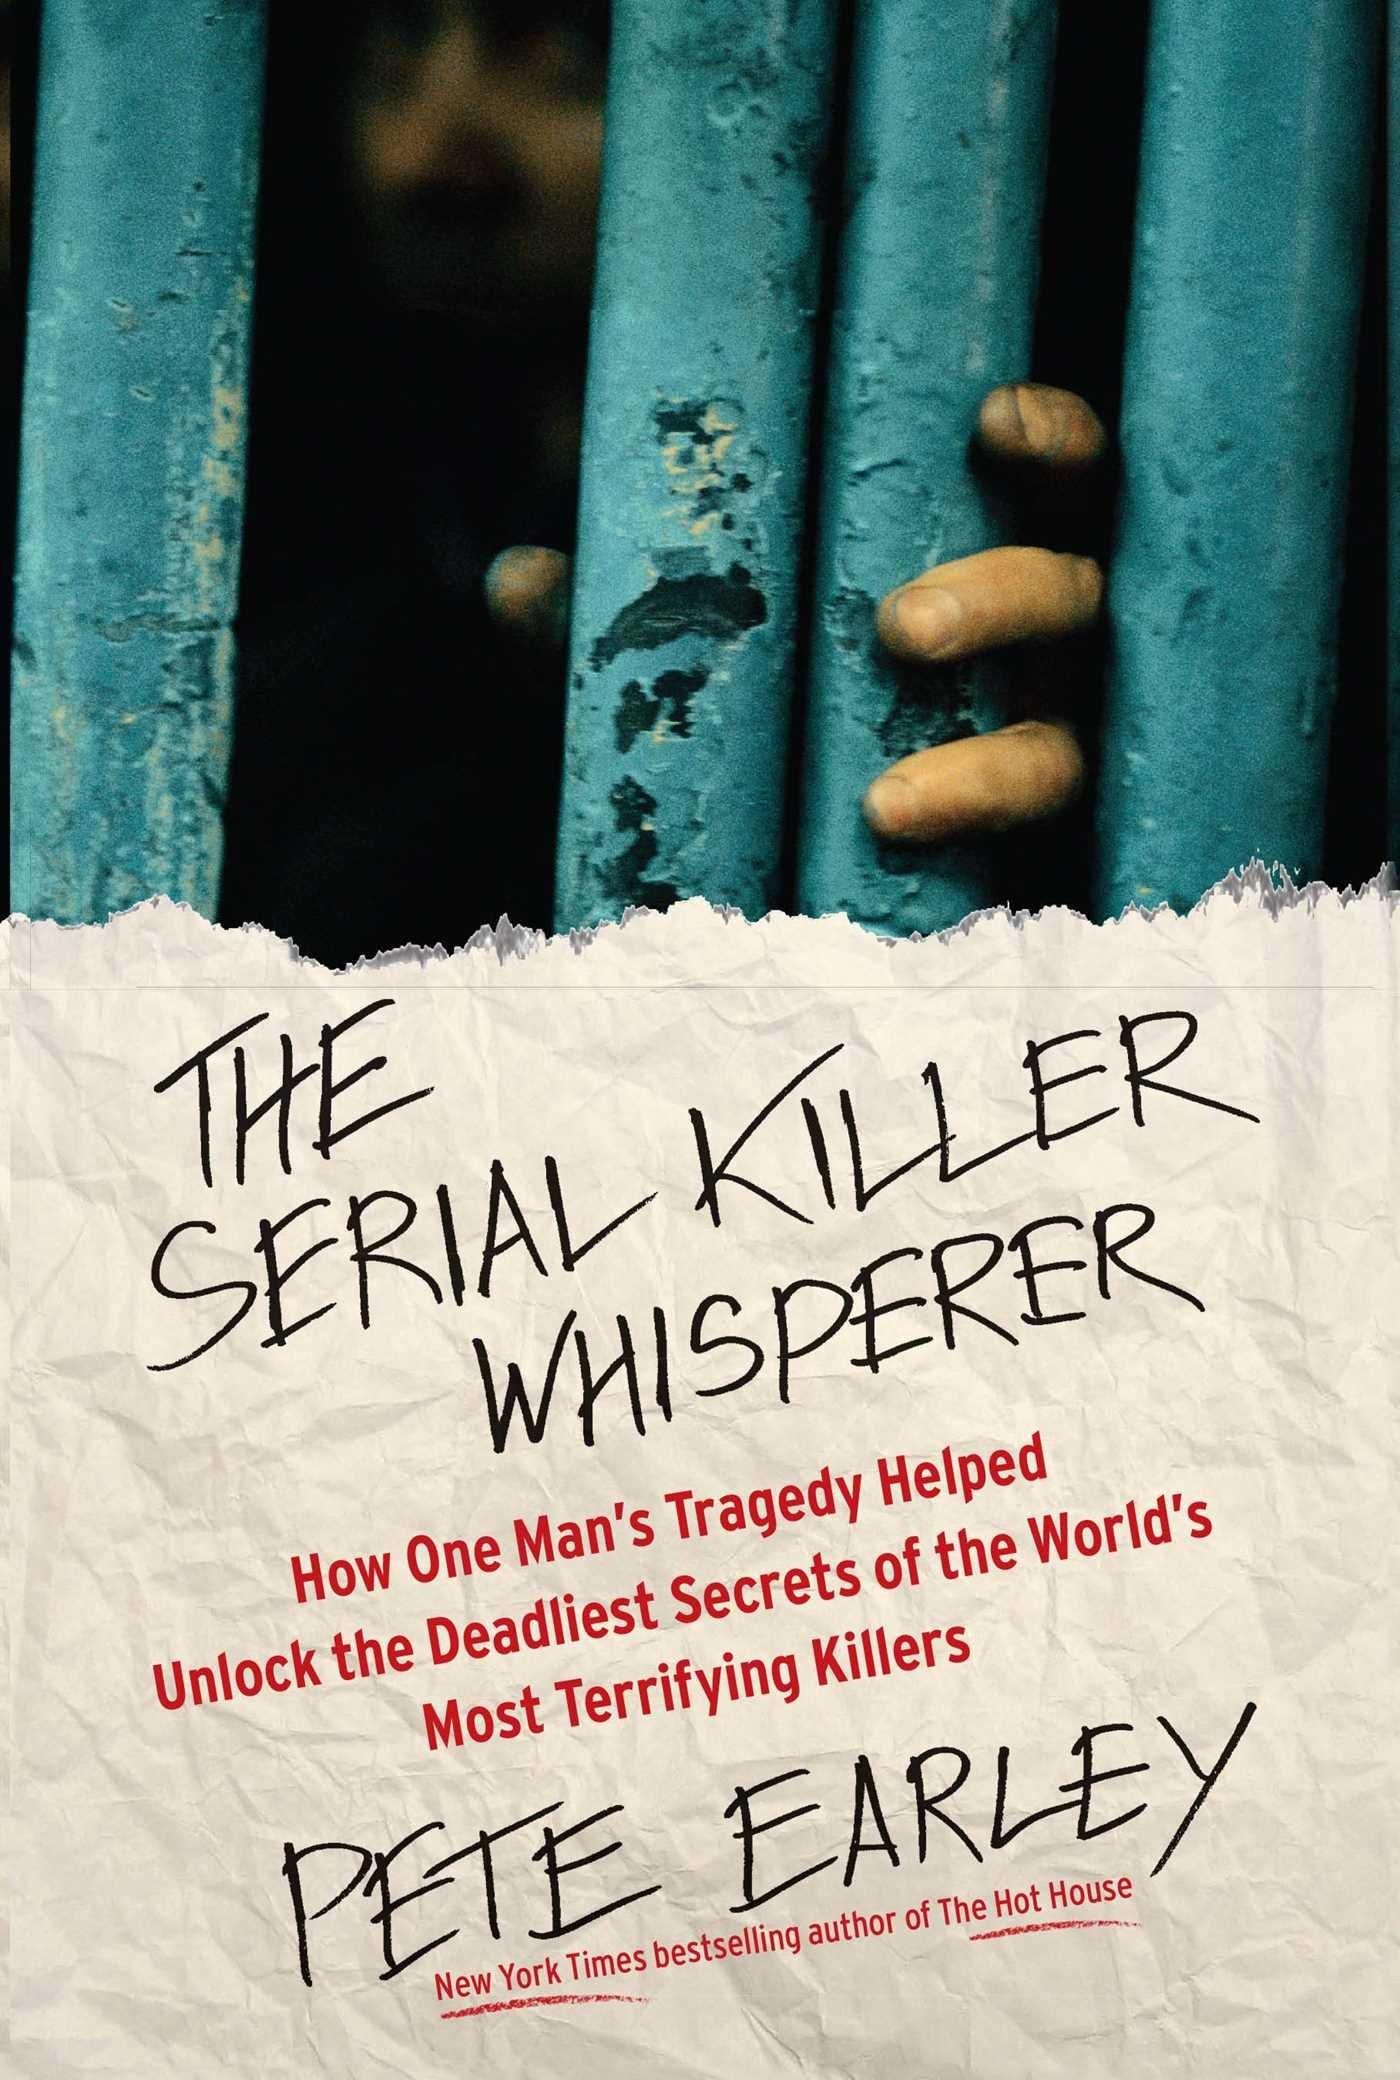 Pete Earley – The Serial Killer Whisperer